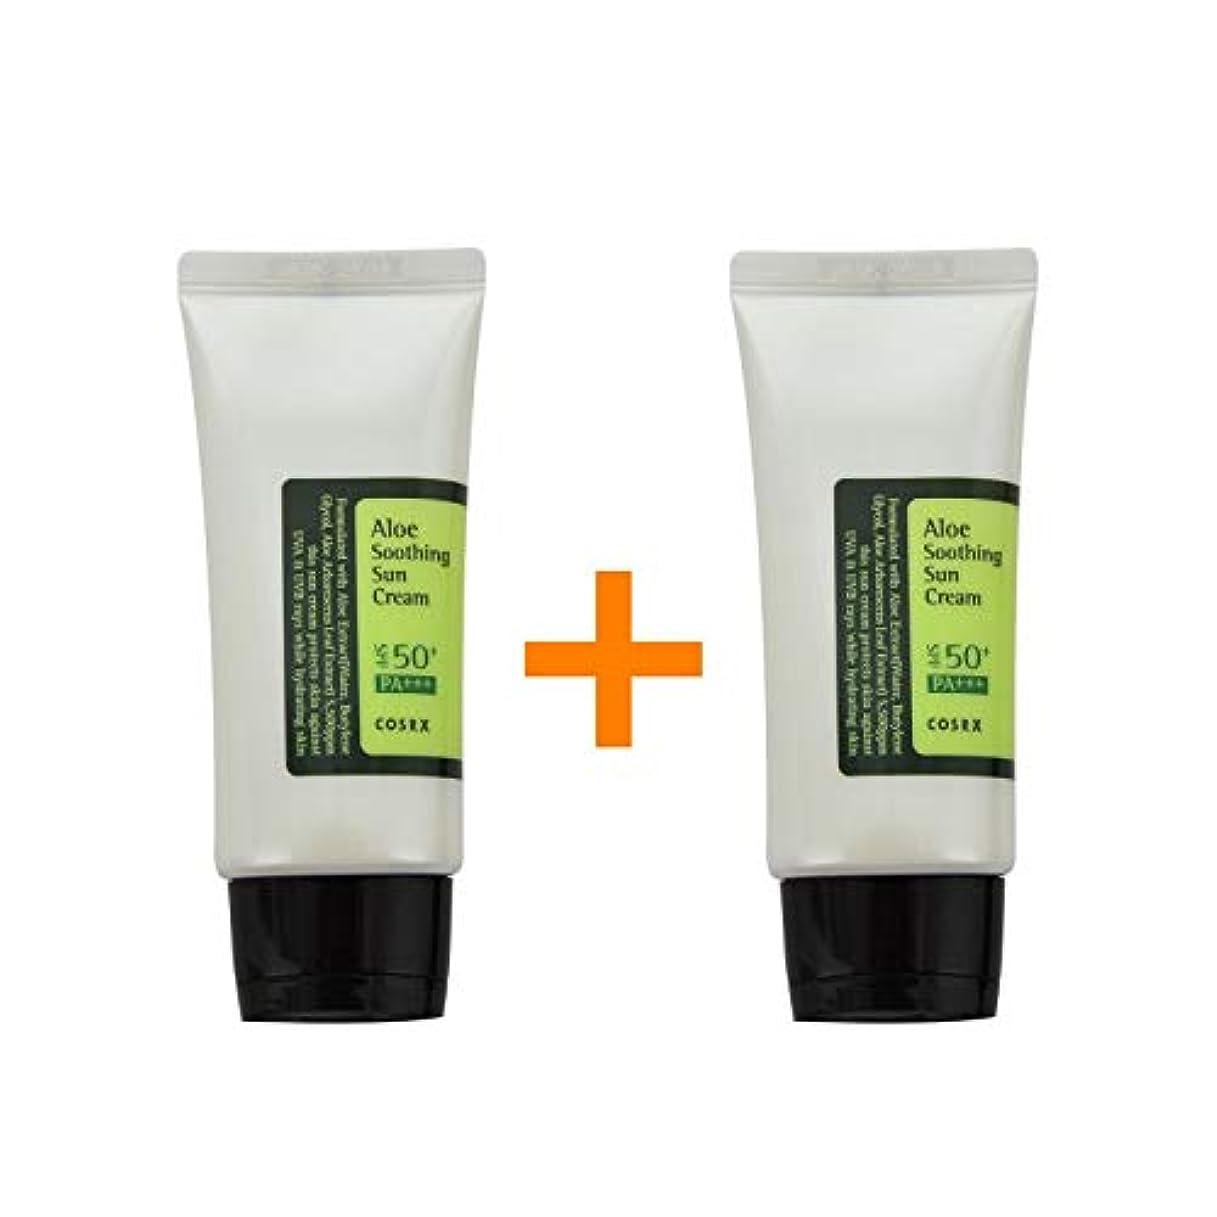 ギャップ項目投資[ 1 + 1 ] COSRX コースアールエックス アロエ スージング サンクリーム Aloe Soothing sun cream (50ml) SPF50+/PA+++ 韓国日焼け止め